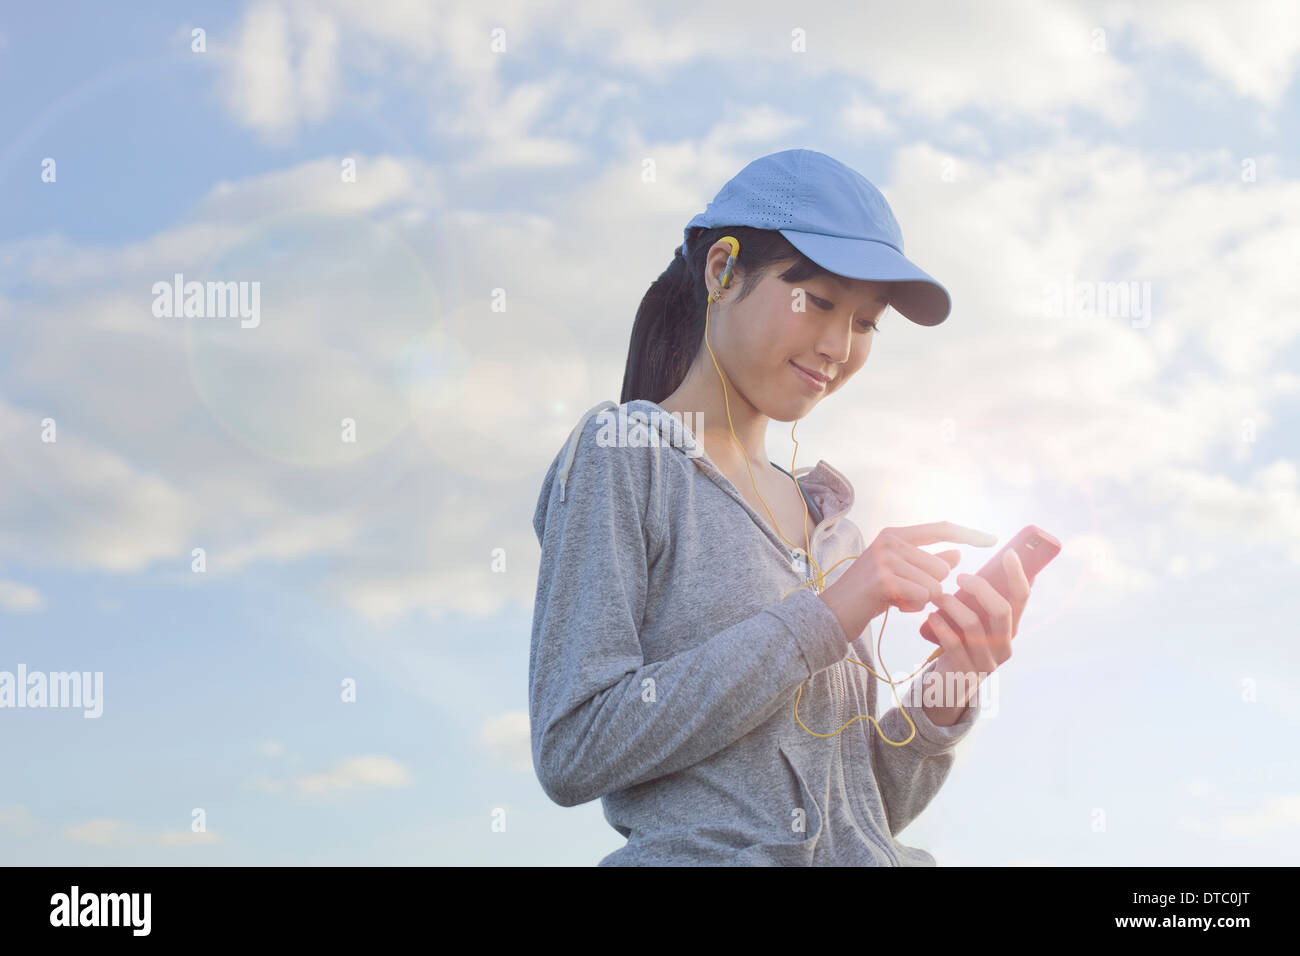 Los jóvenes corredoras elegir música de MP3player Imagen De Stock